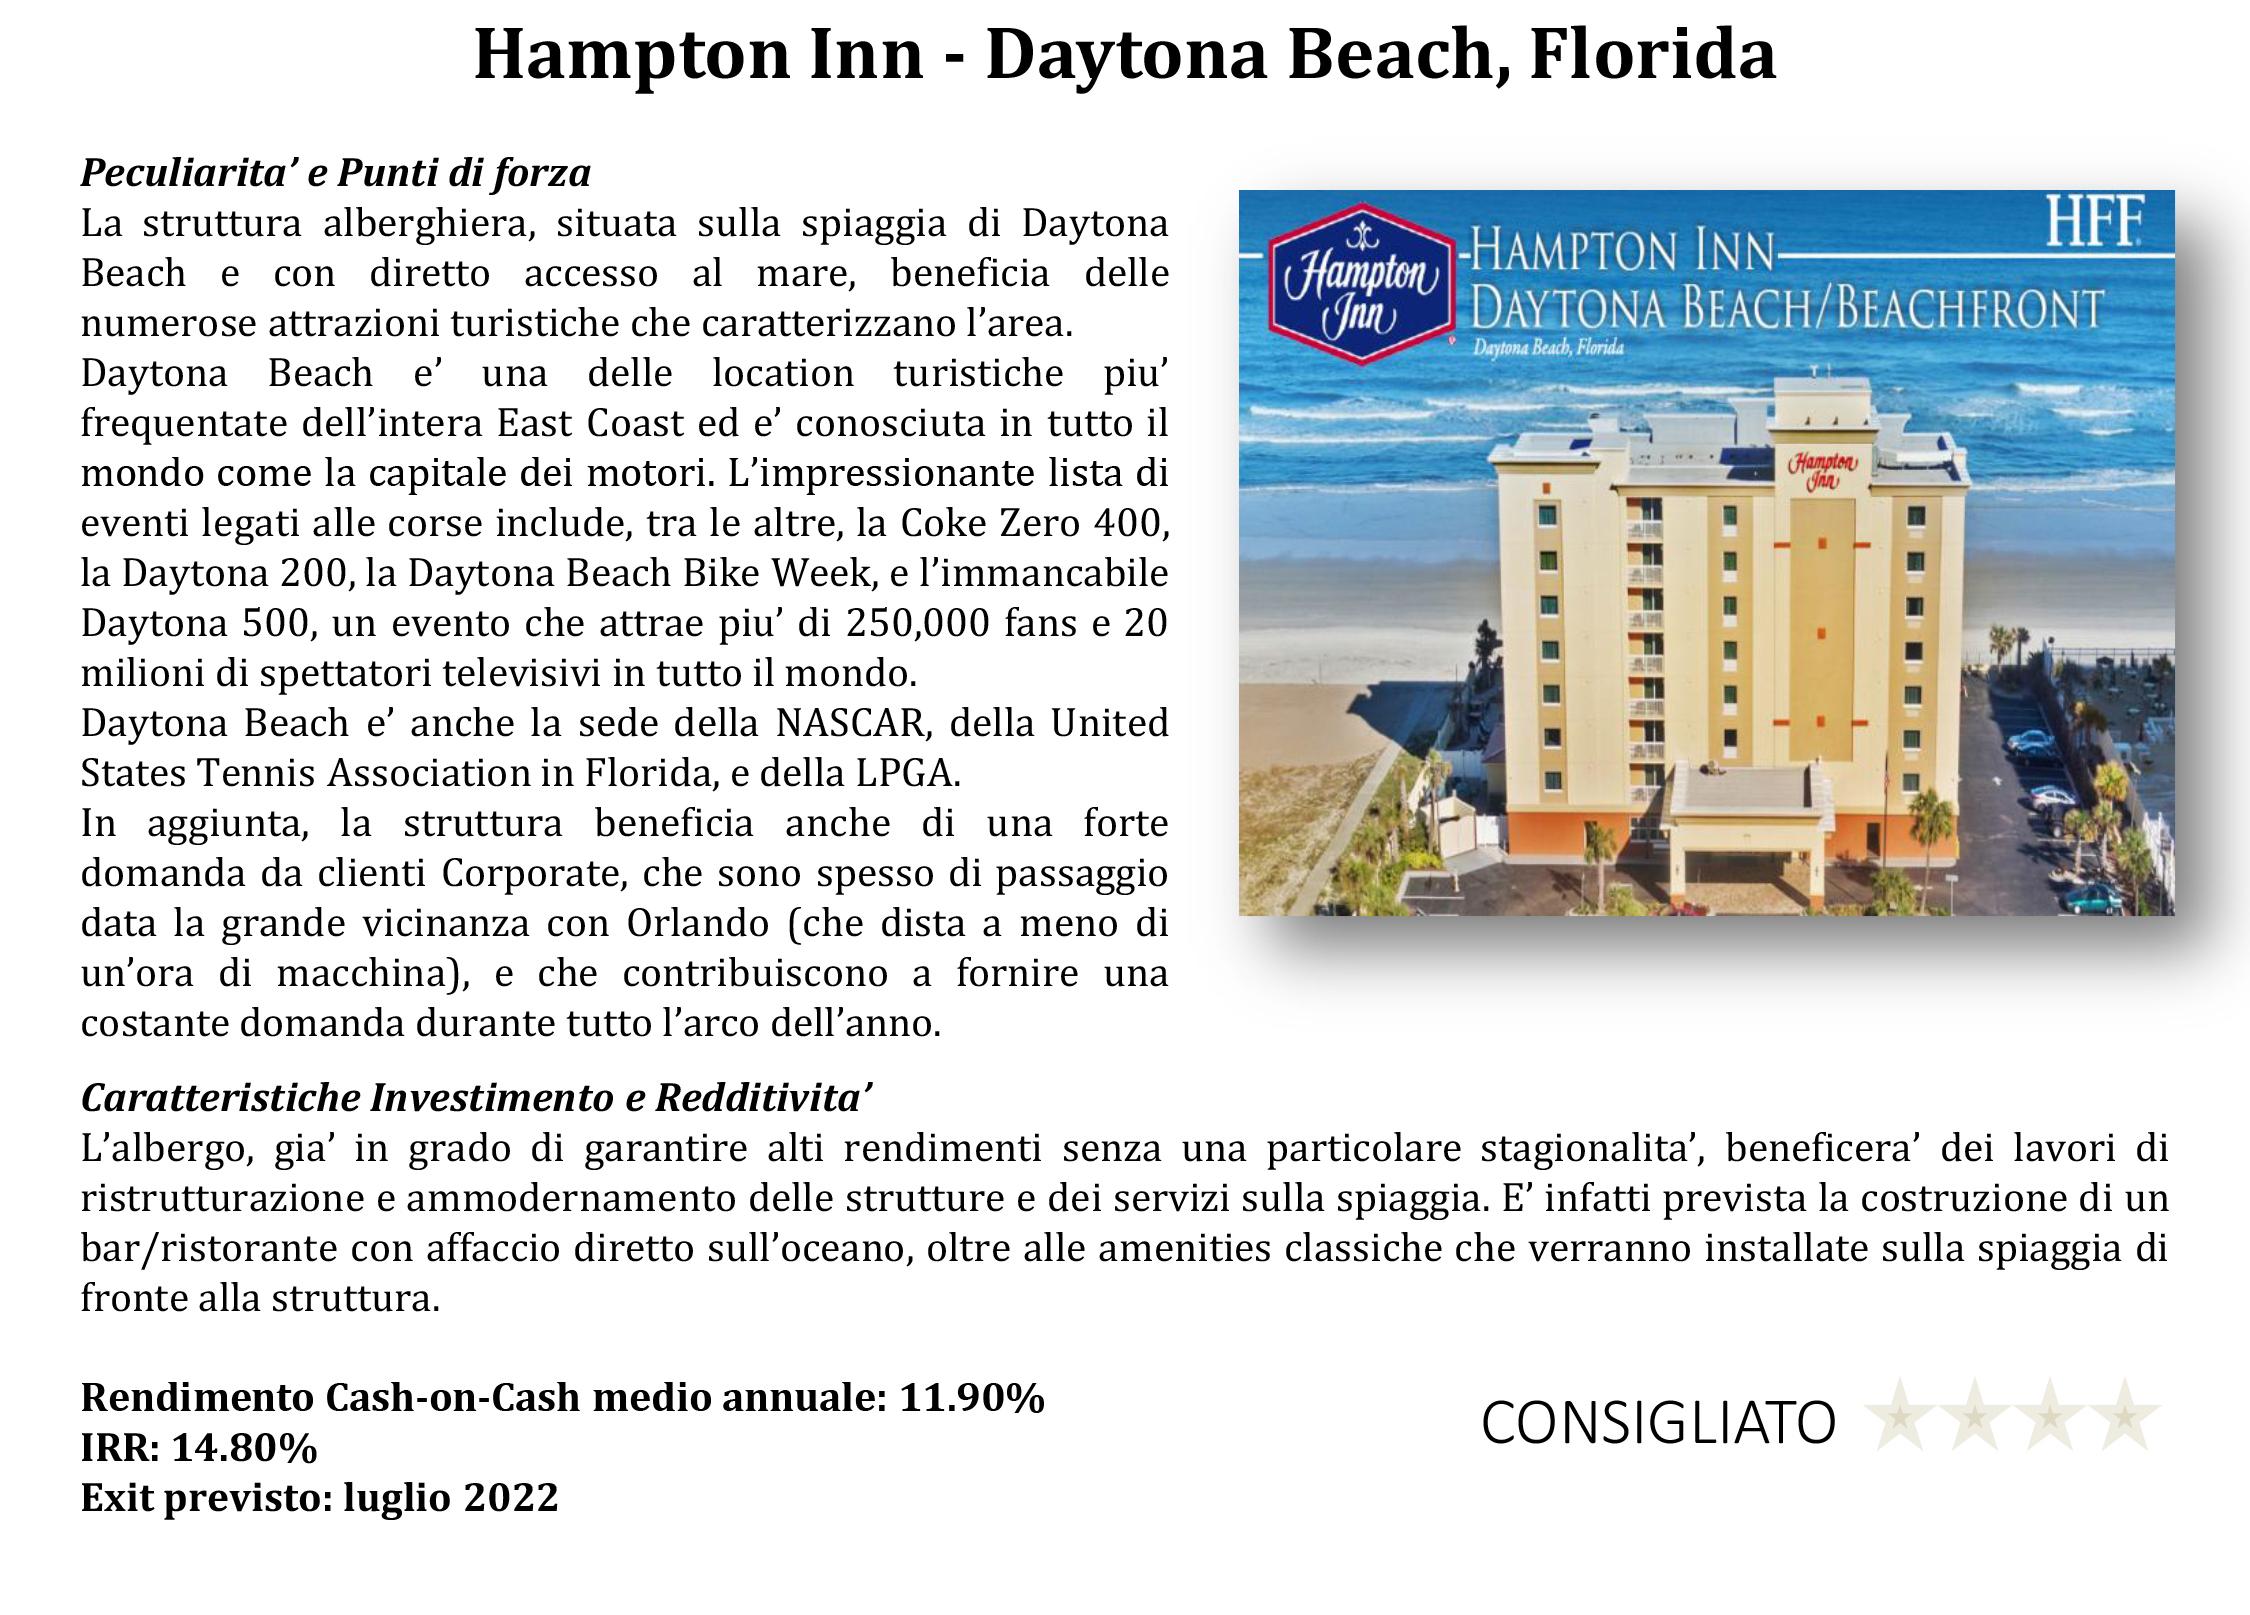 investimenti alberghieri negli Usa Diapashome